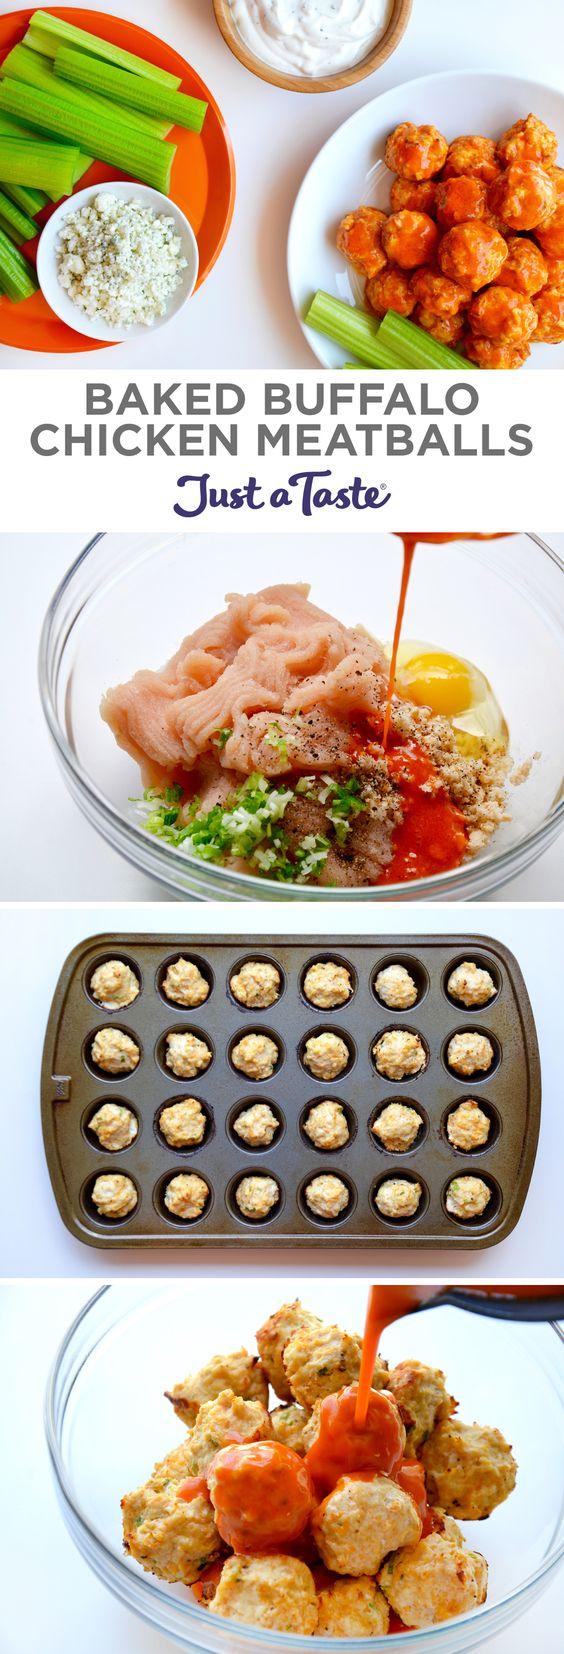 Baked Buffalo Chicken Meatballs | #recipe via justataste.com